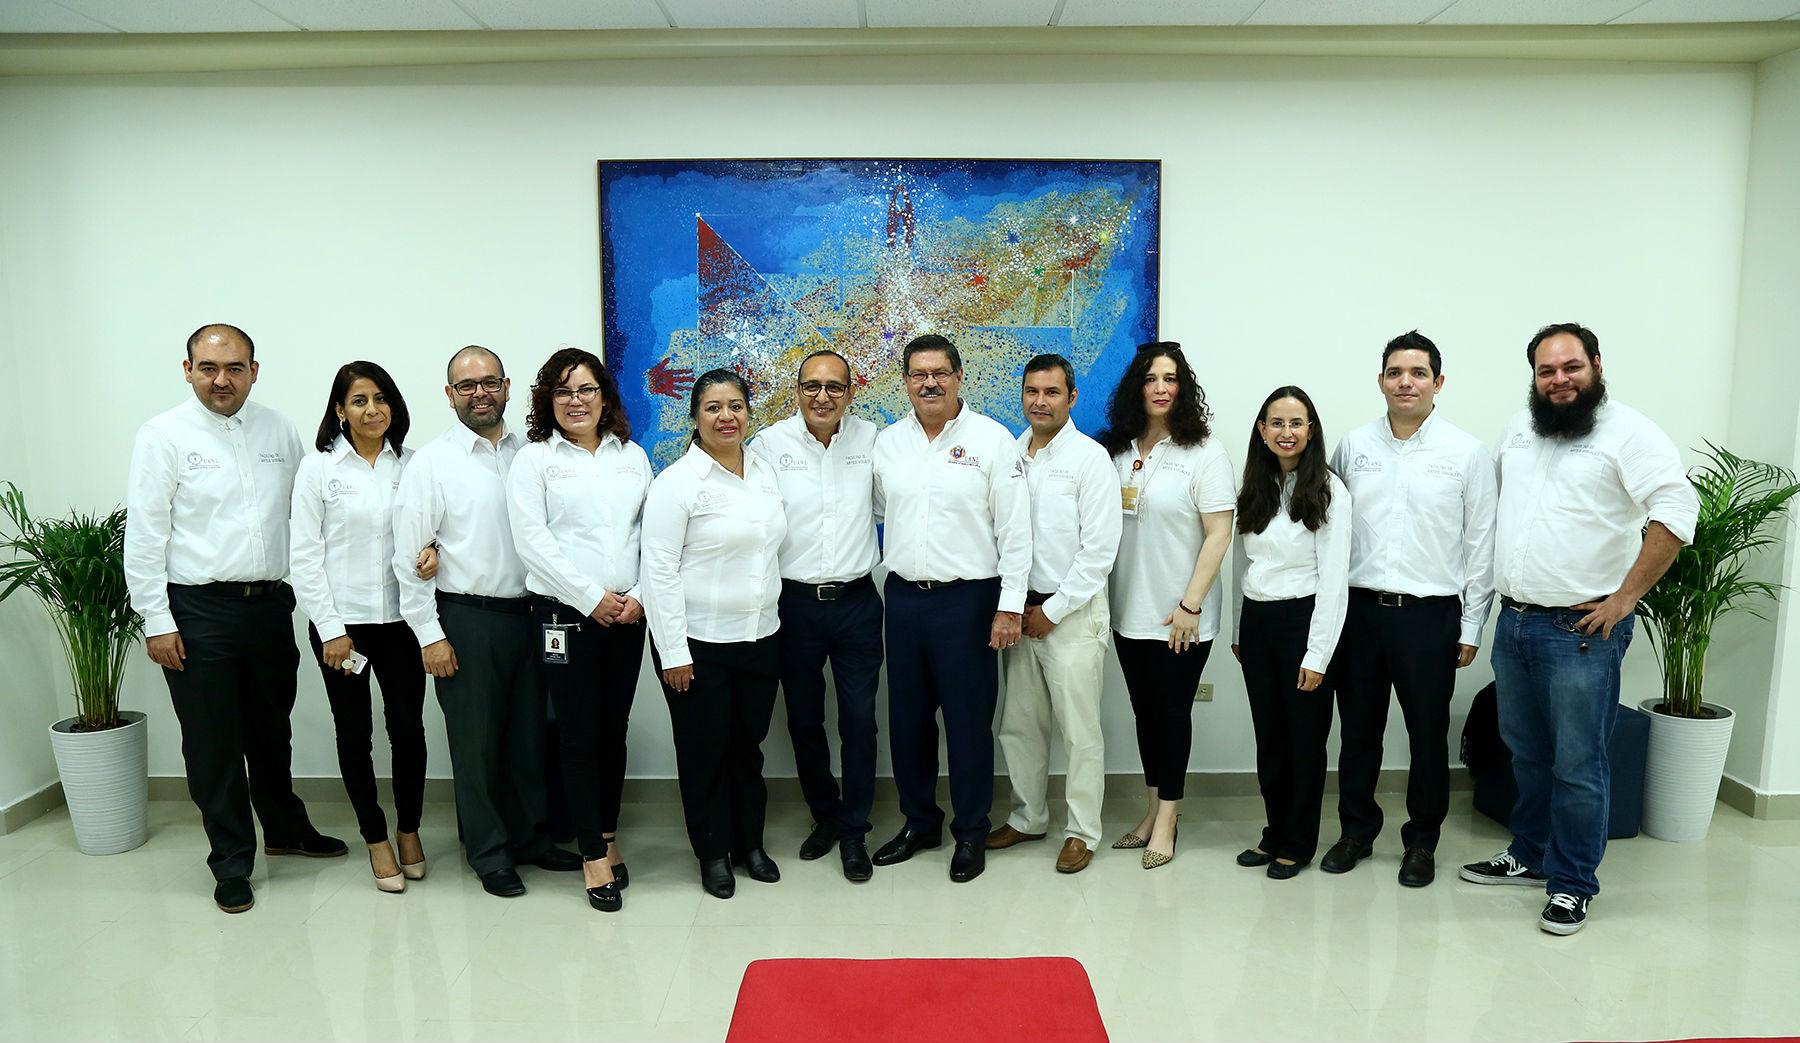 Docentes de la Facultad de Artes Visuales en compañía del Rector